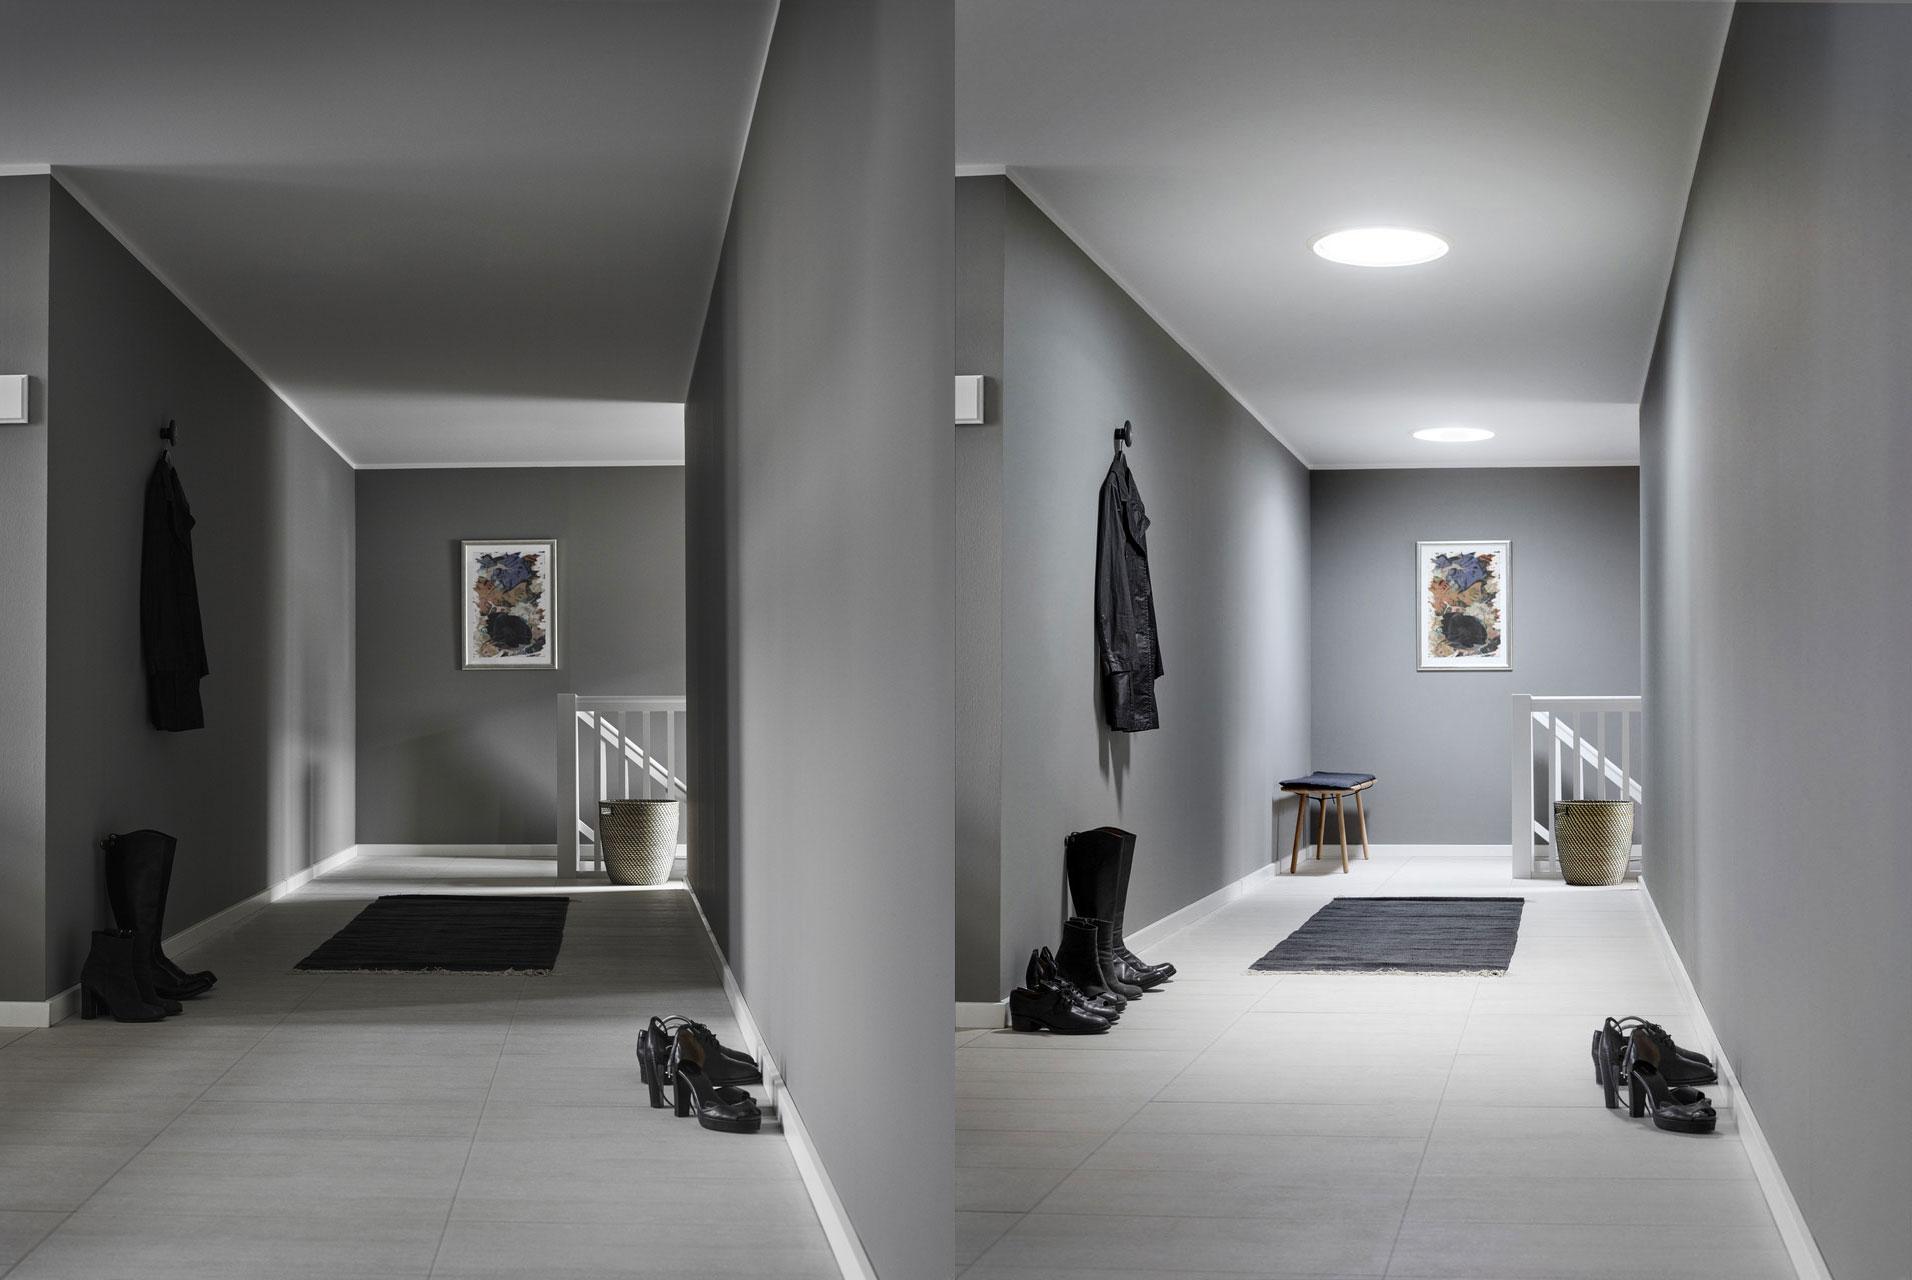 a3dbfb55a Osvetlením chodby denným svetlom možno znížiť svietenie o 400 hodín za rok.  Pokiaľ sa dosiahne optimálne presvetlenie celého domu na úrovni  odporúčaných ...